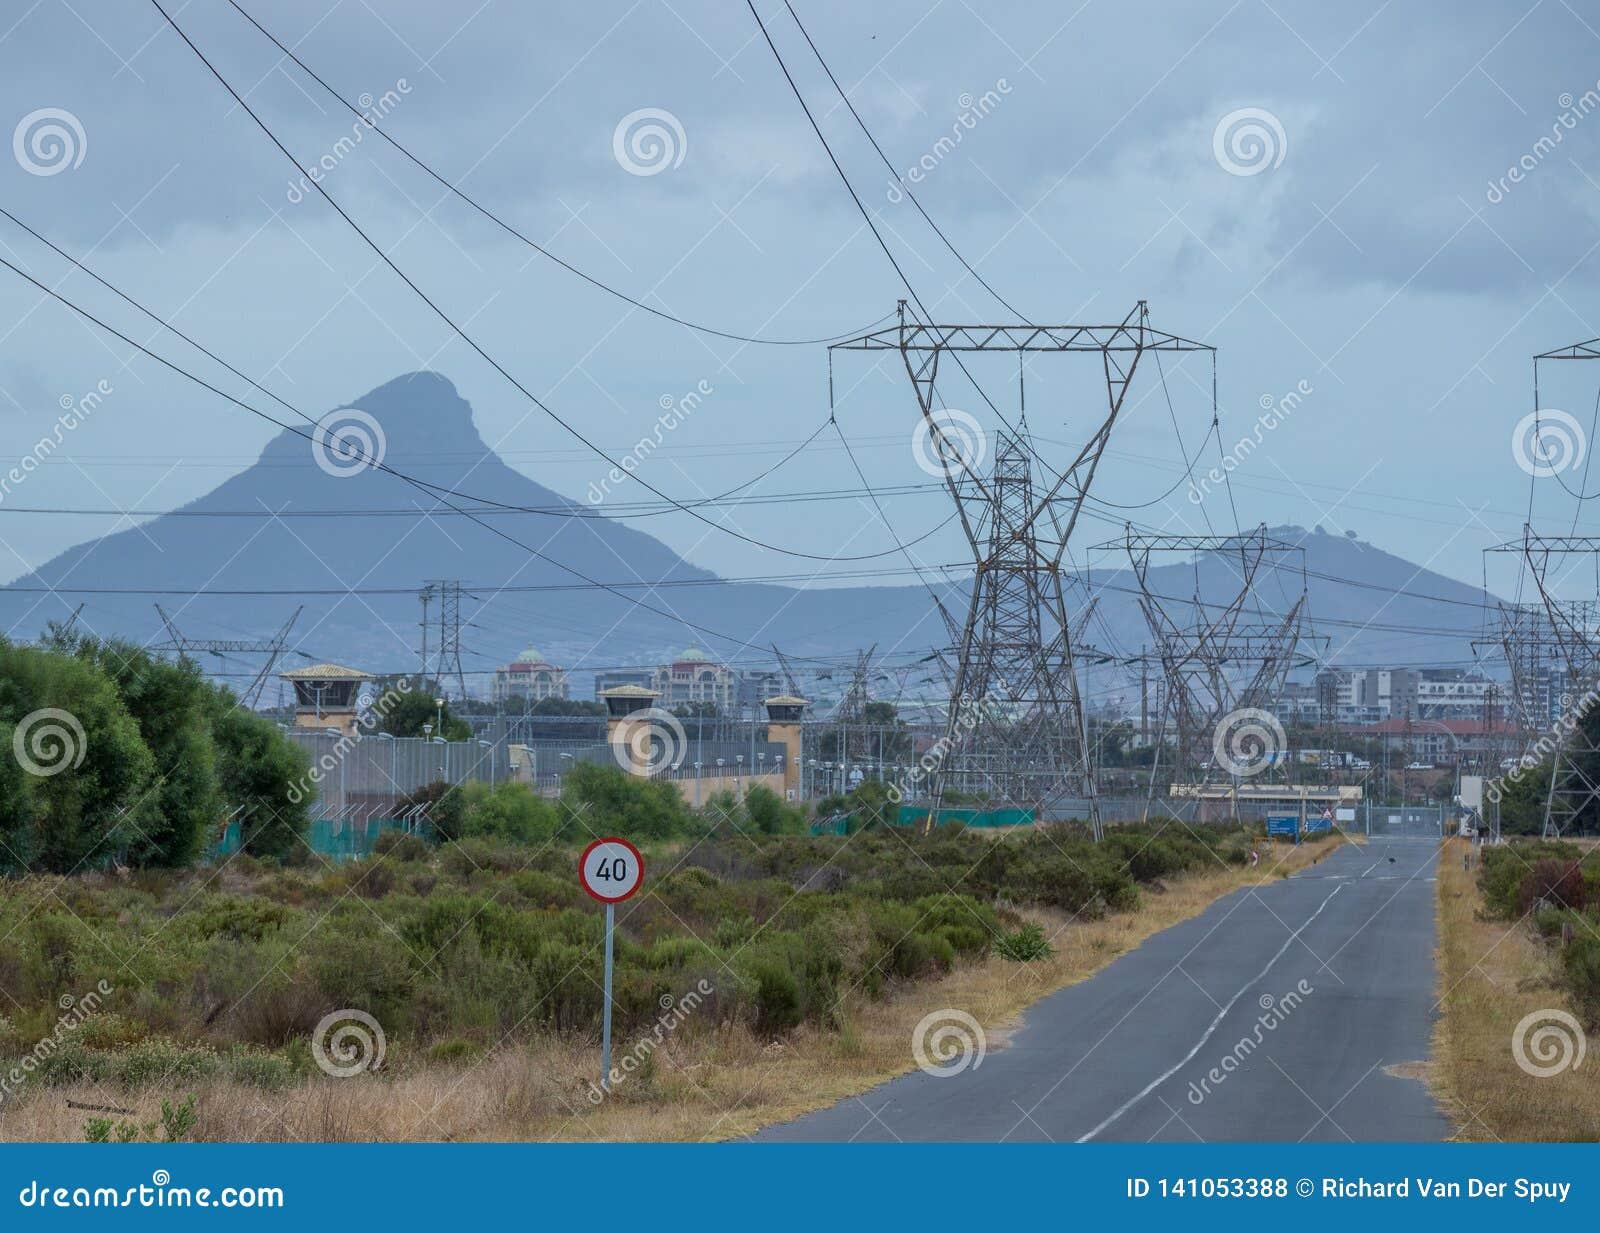 Südafrikanische Energie für den praktischen Gebrauch vor Einsturz